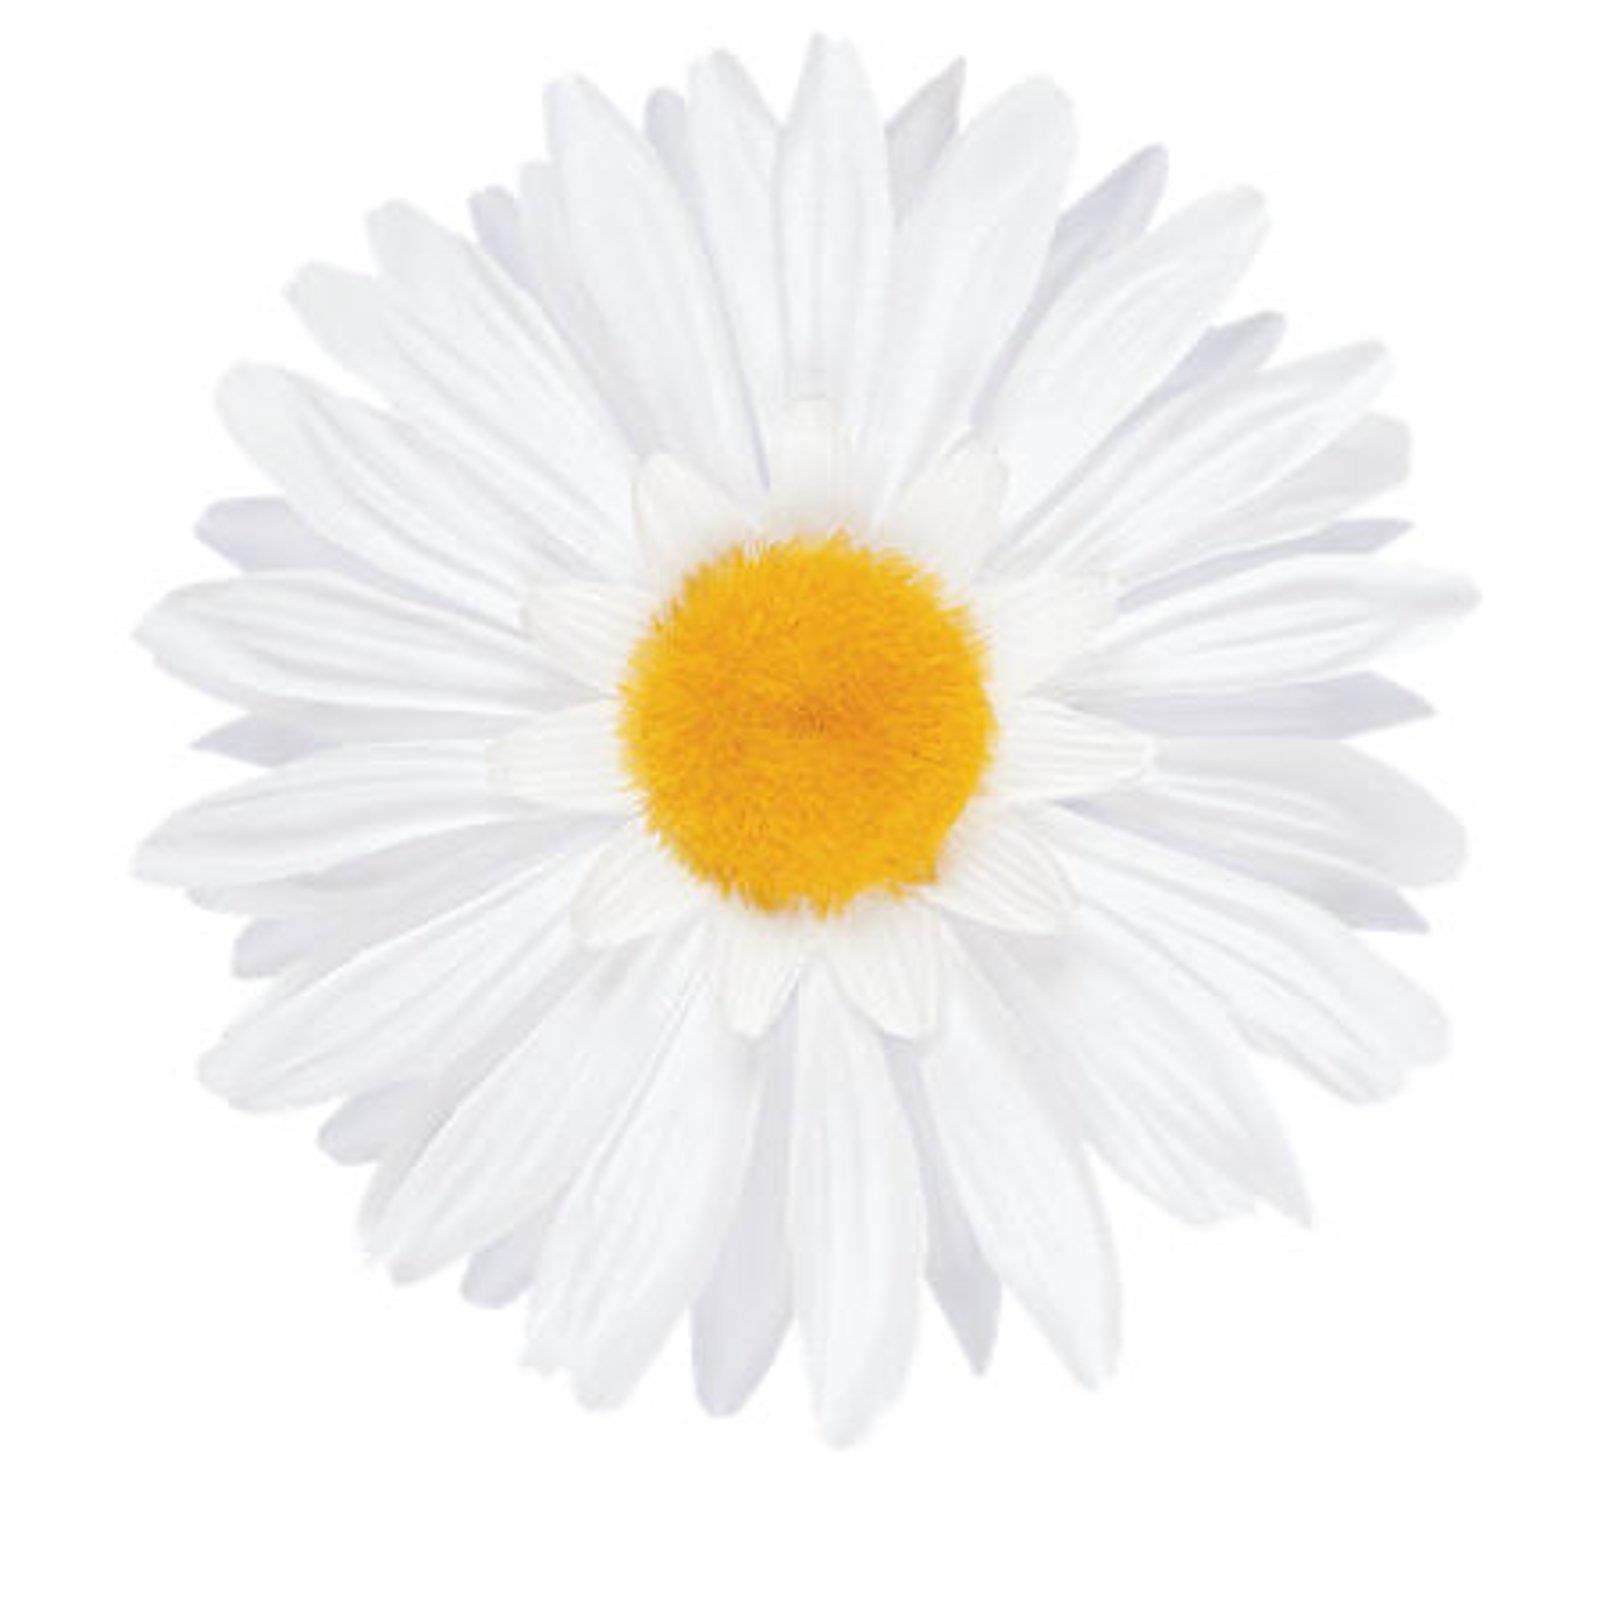 Electra Electra Electra manillar flor Daisy Dahlia Flower bicicleta manillar flor decoración m. clip 6596c9